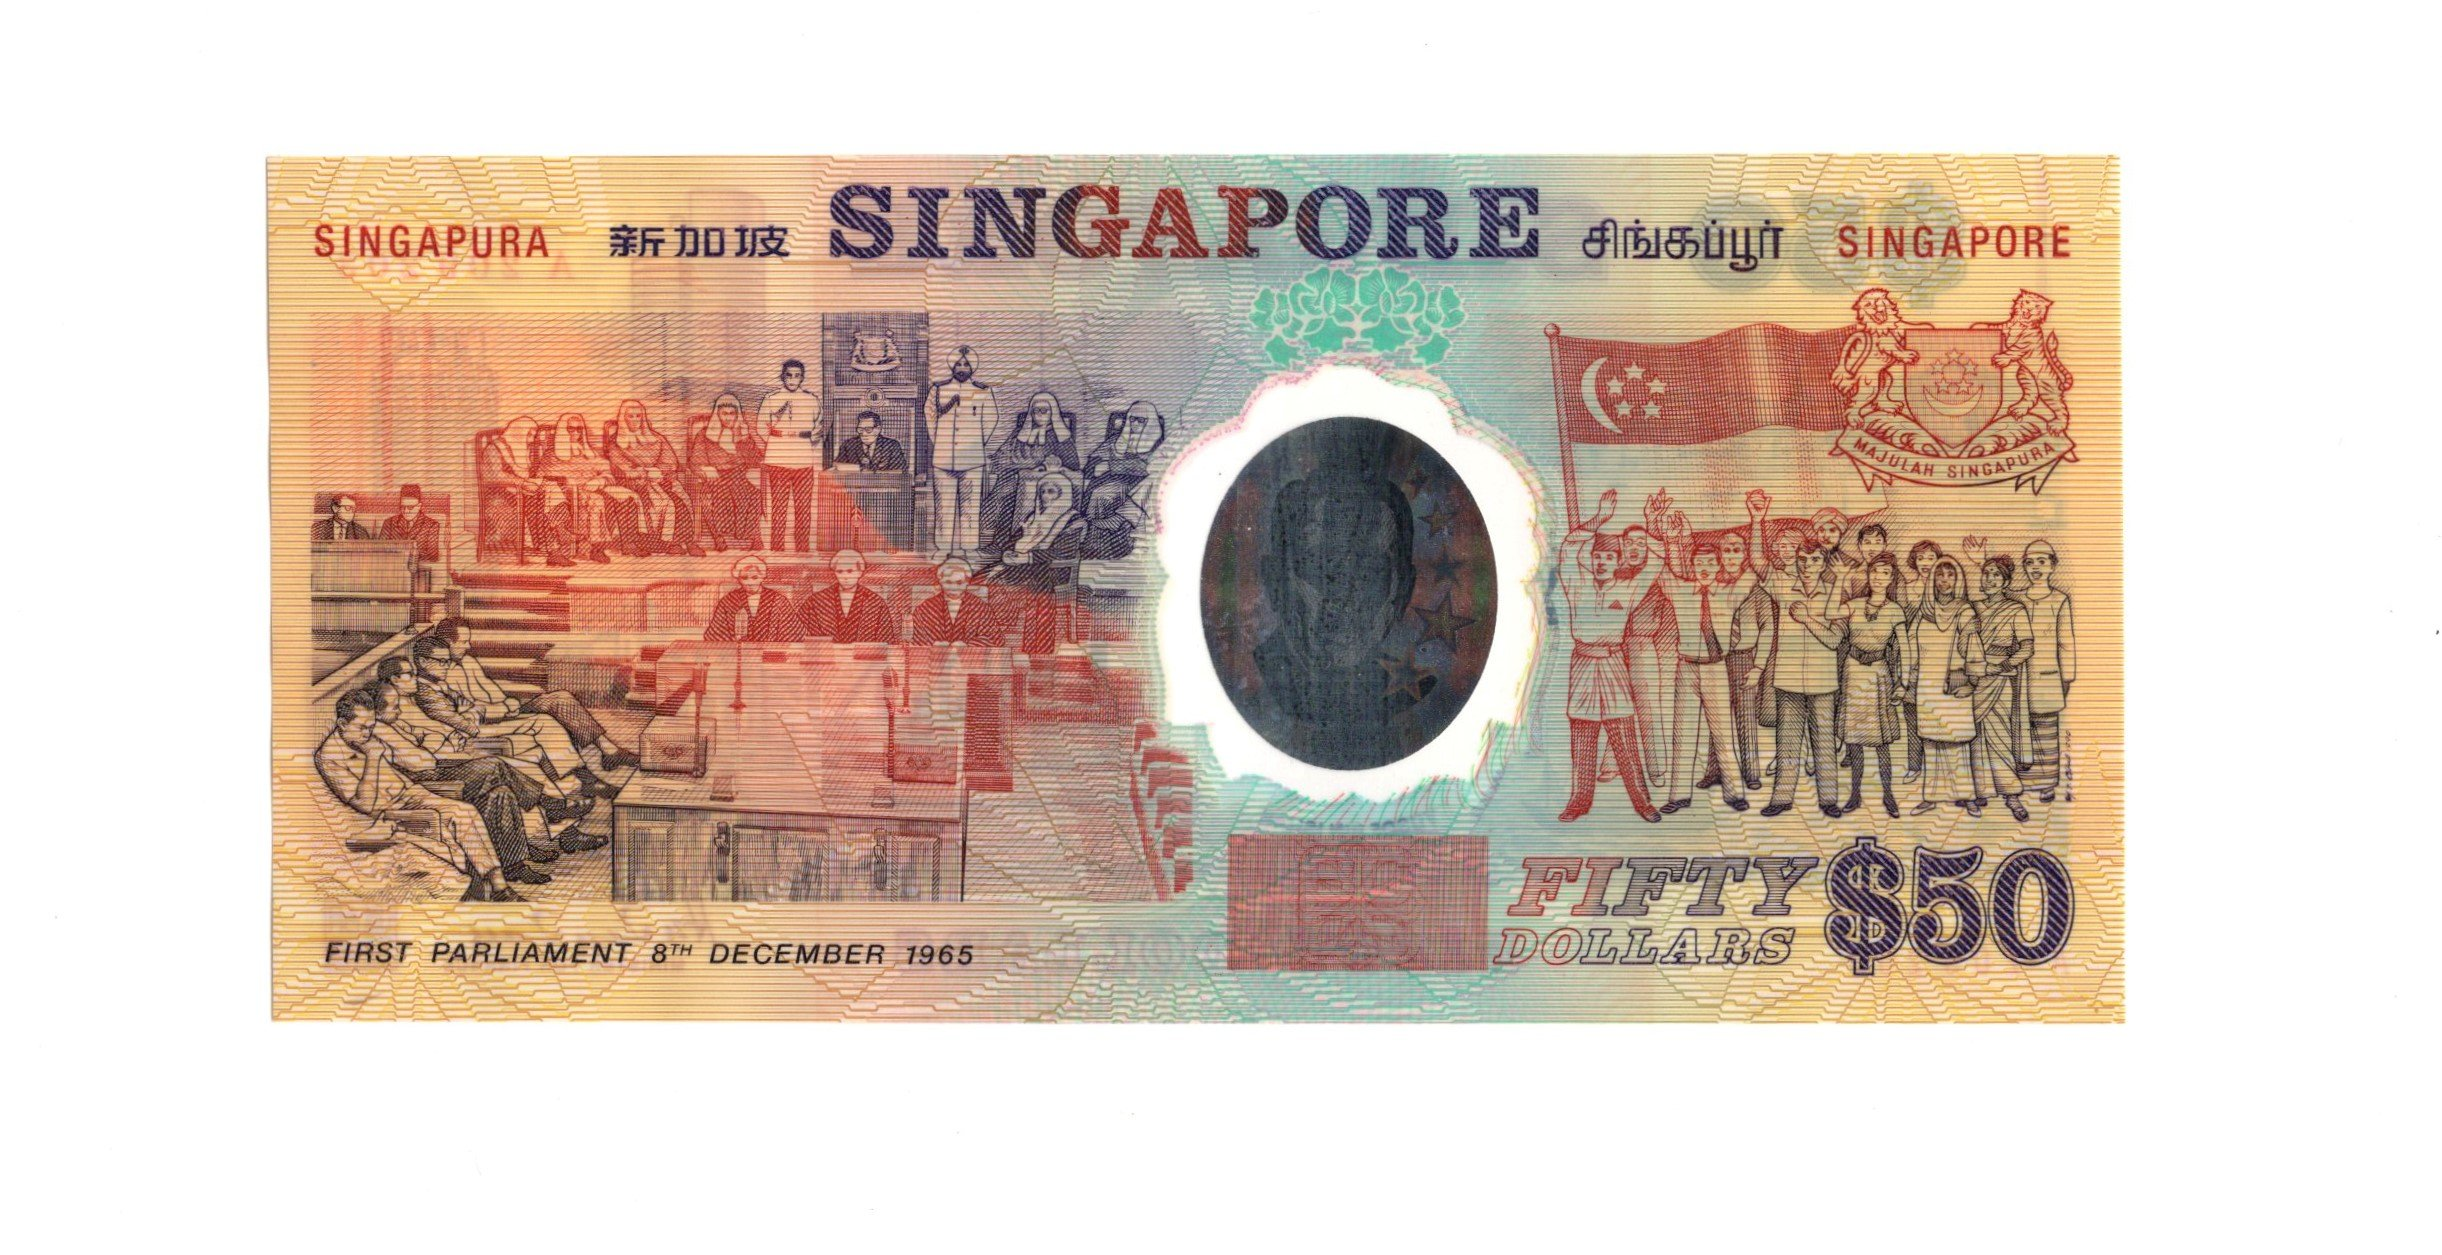 Singapore 50 dollars polymer